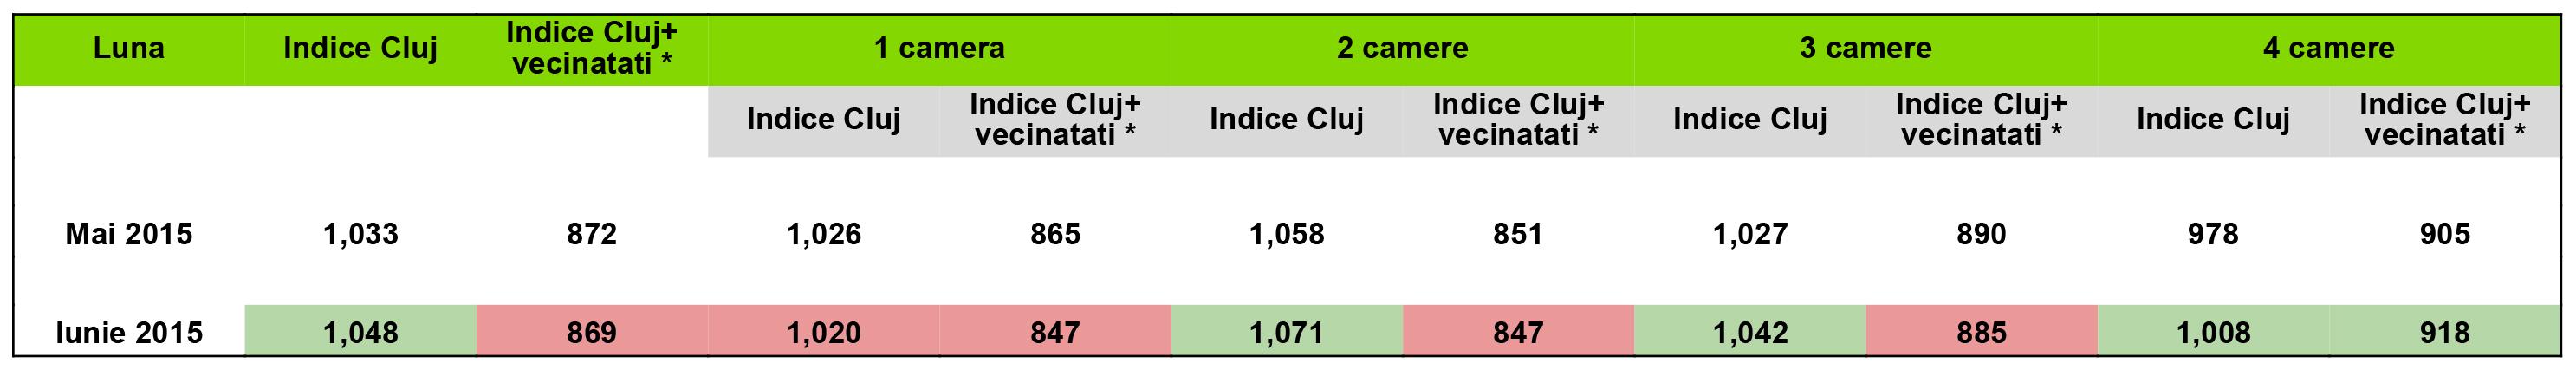 indice-iunie-2